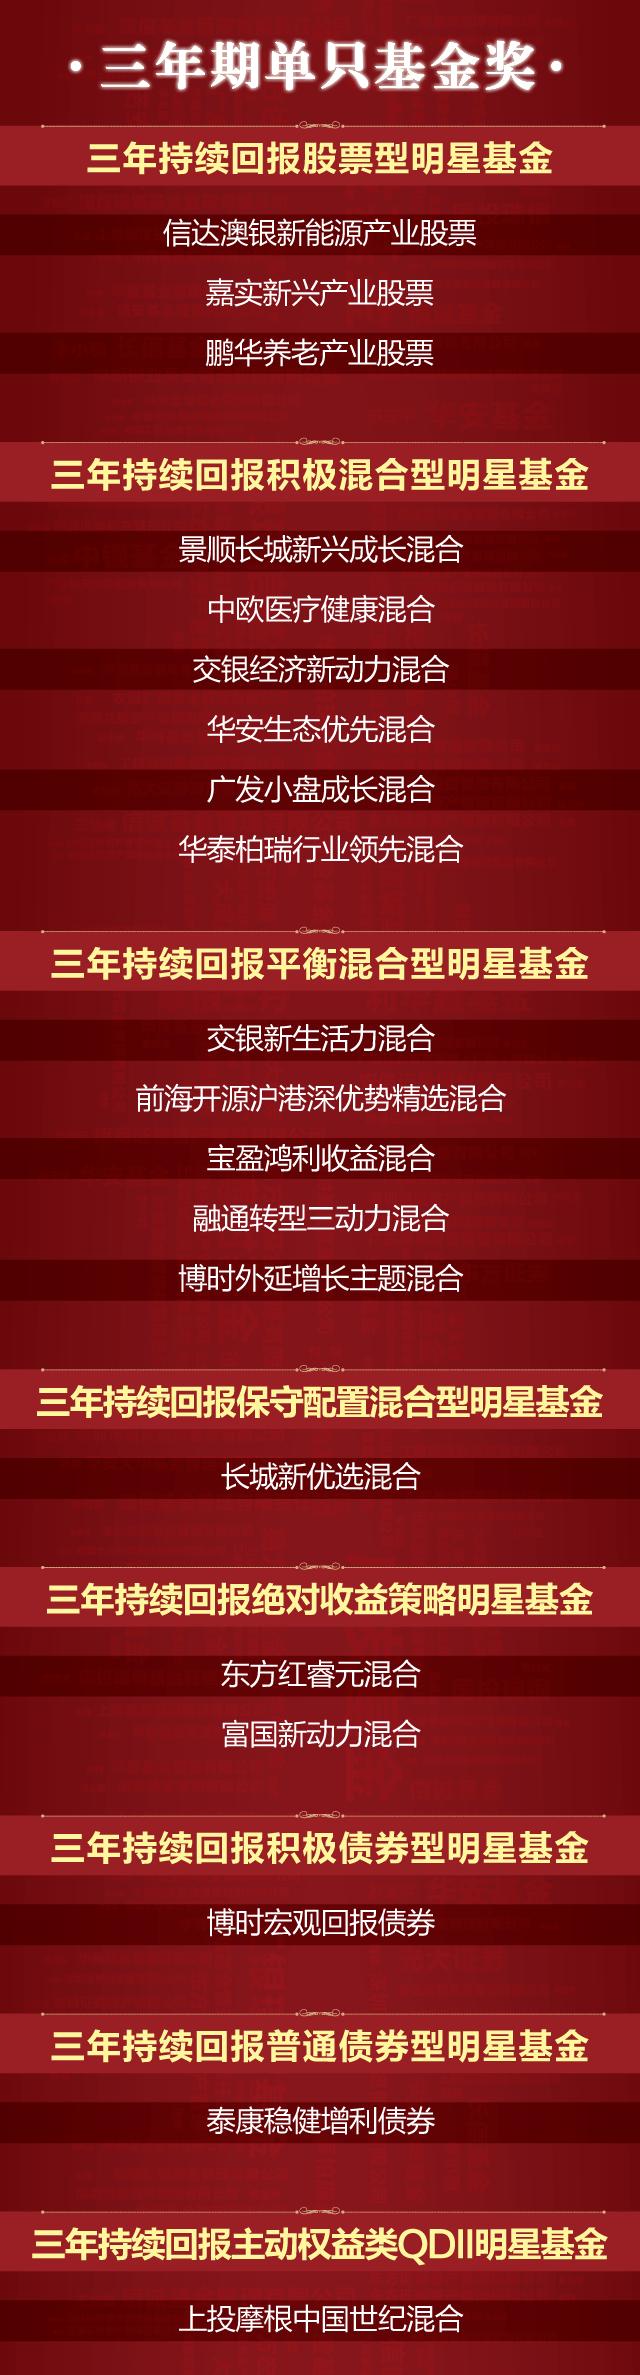 第15届中国基金业明星基金奖来了!这类奖项取消,新增ETF管理人